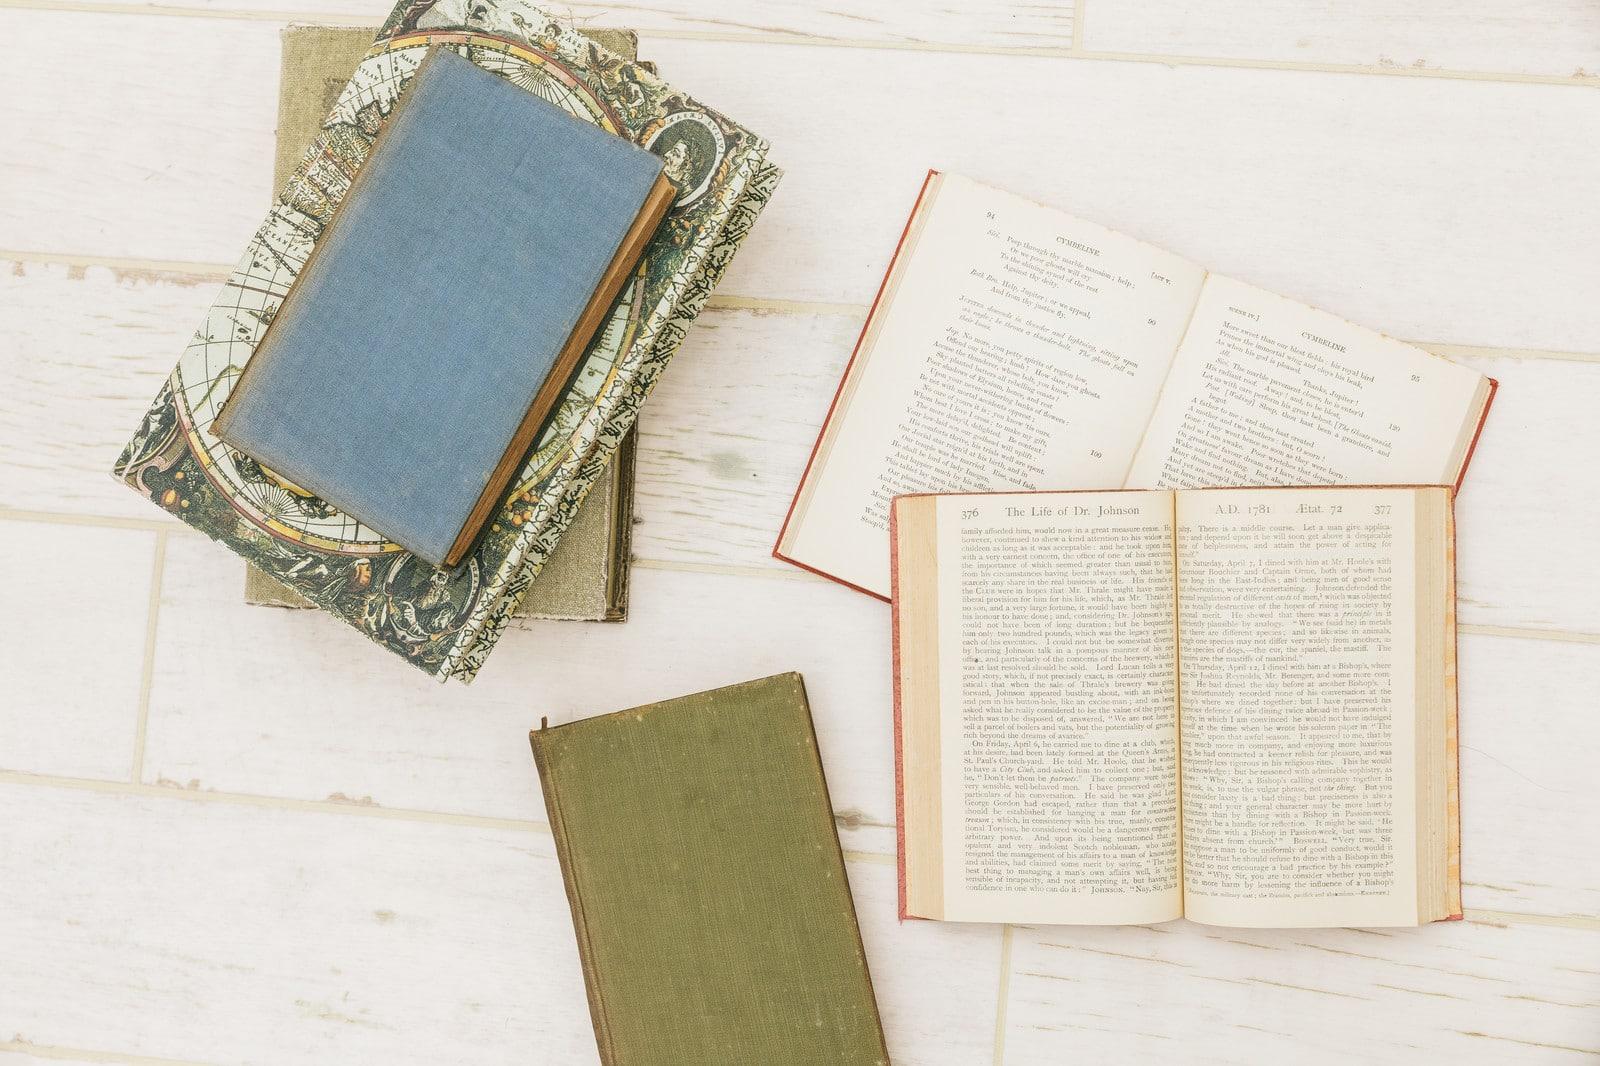 4.古本や雑誌を転売する